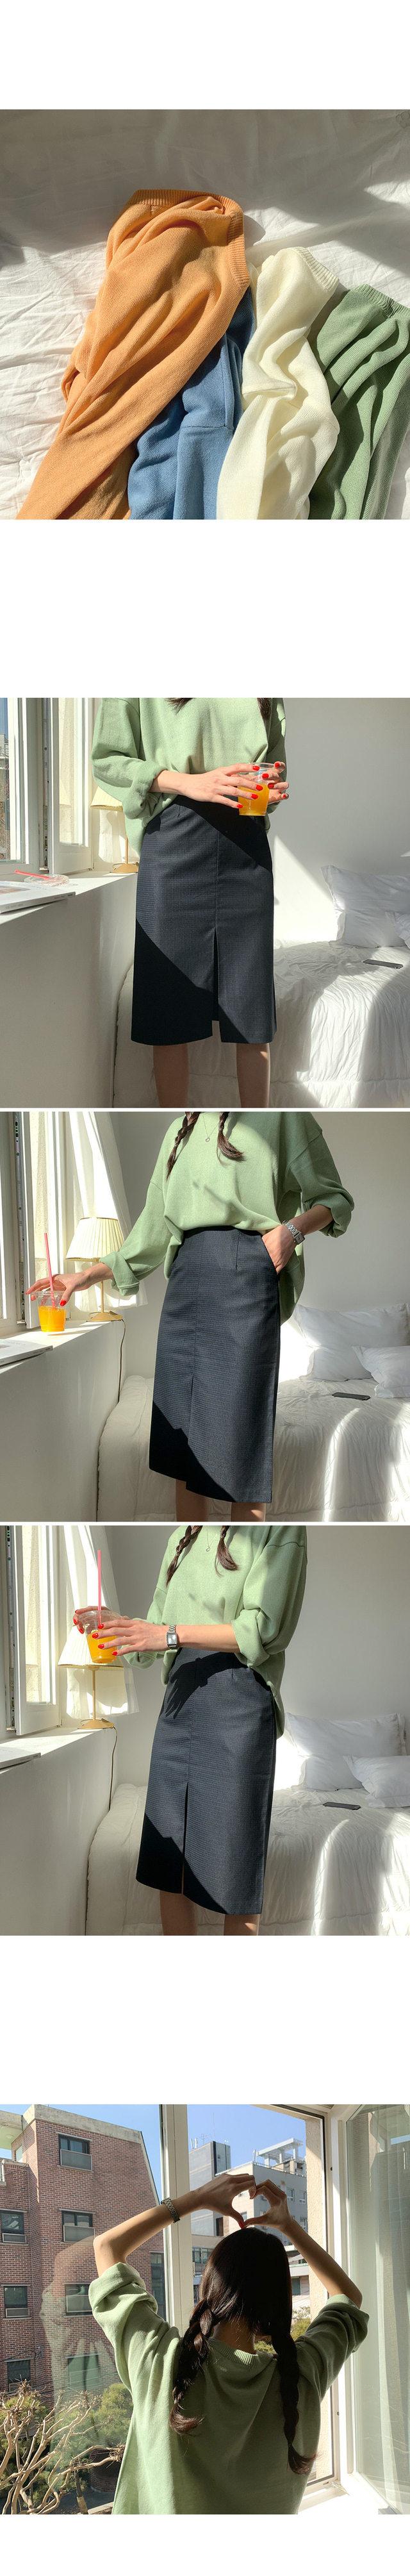 Pair Check Slit Skirt